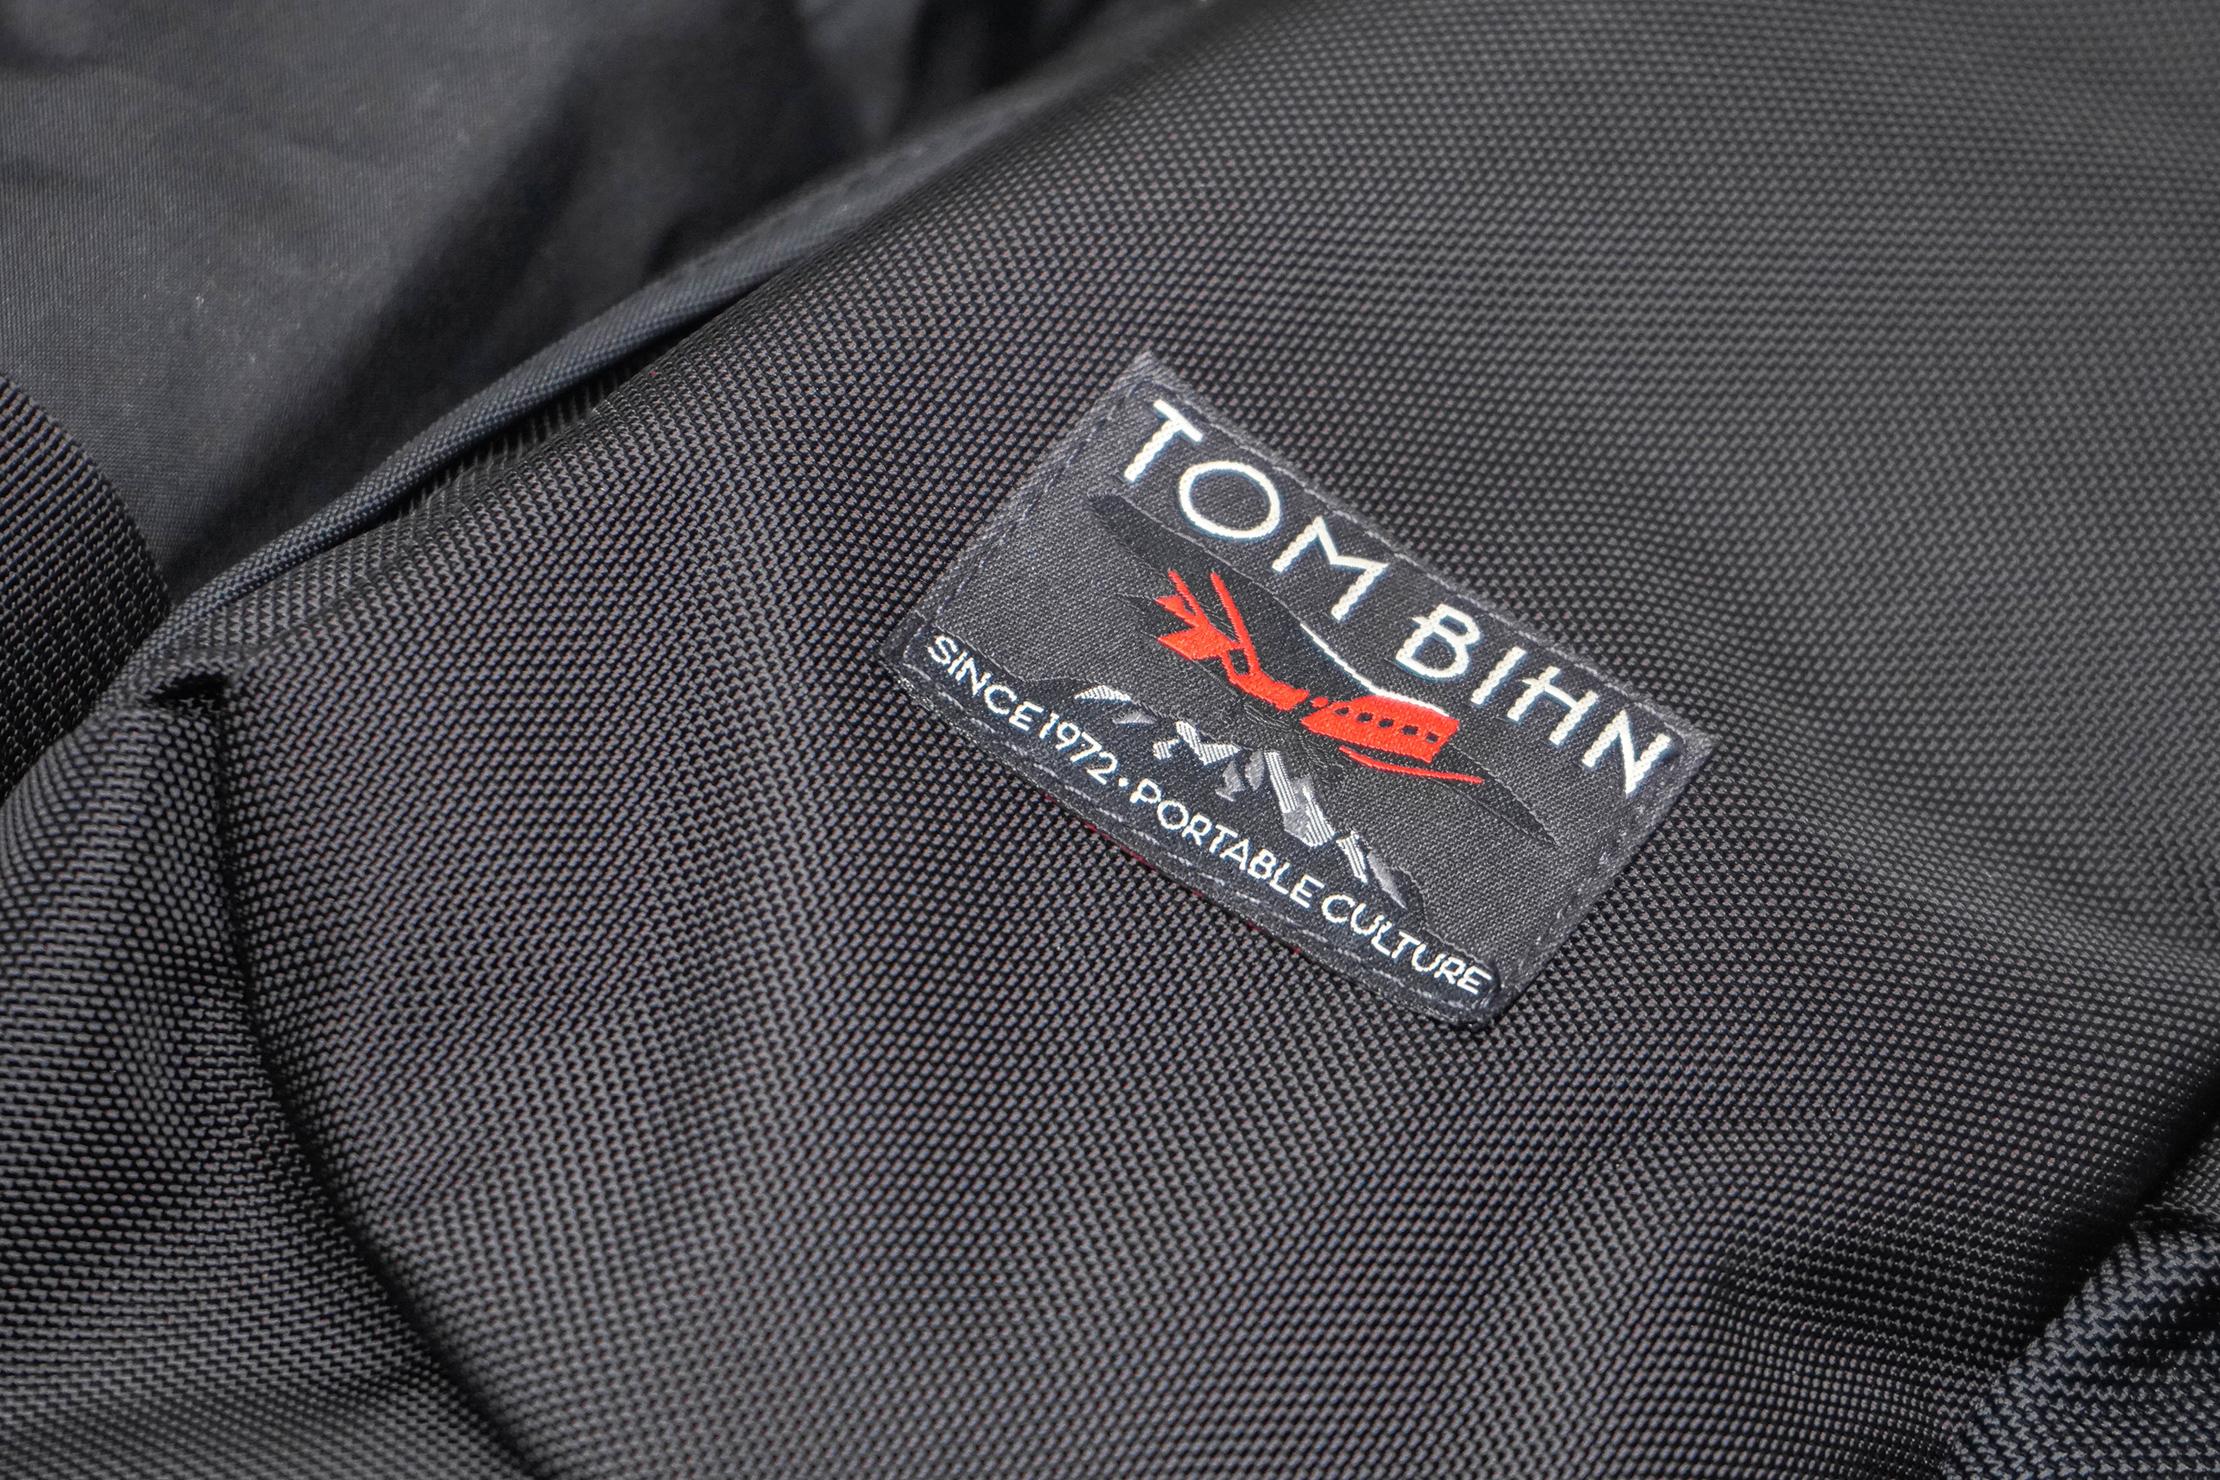 Tom Bihn Brain Bag Material and Logo